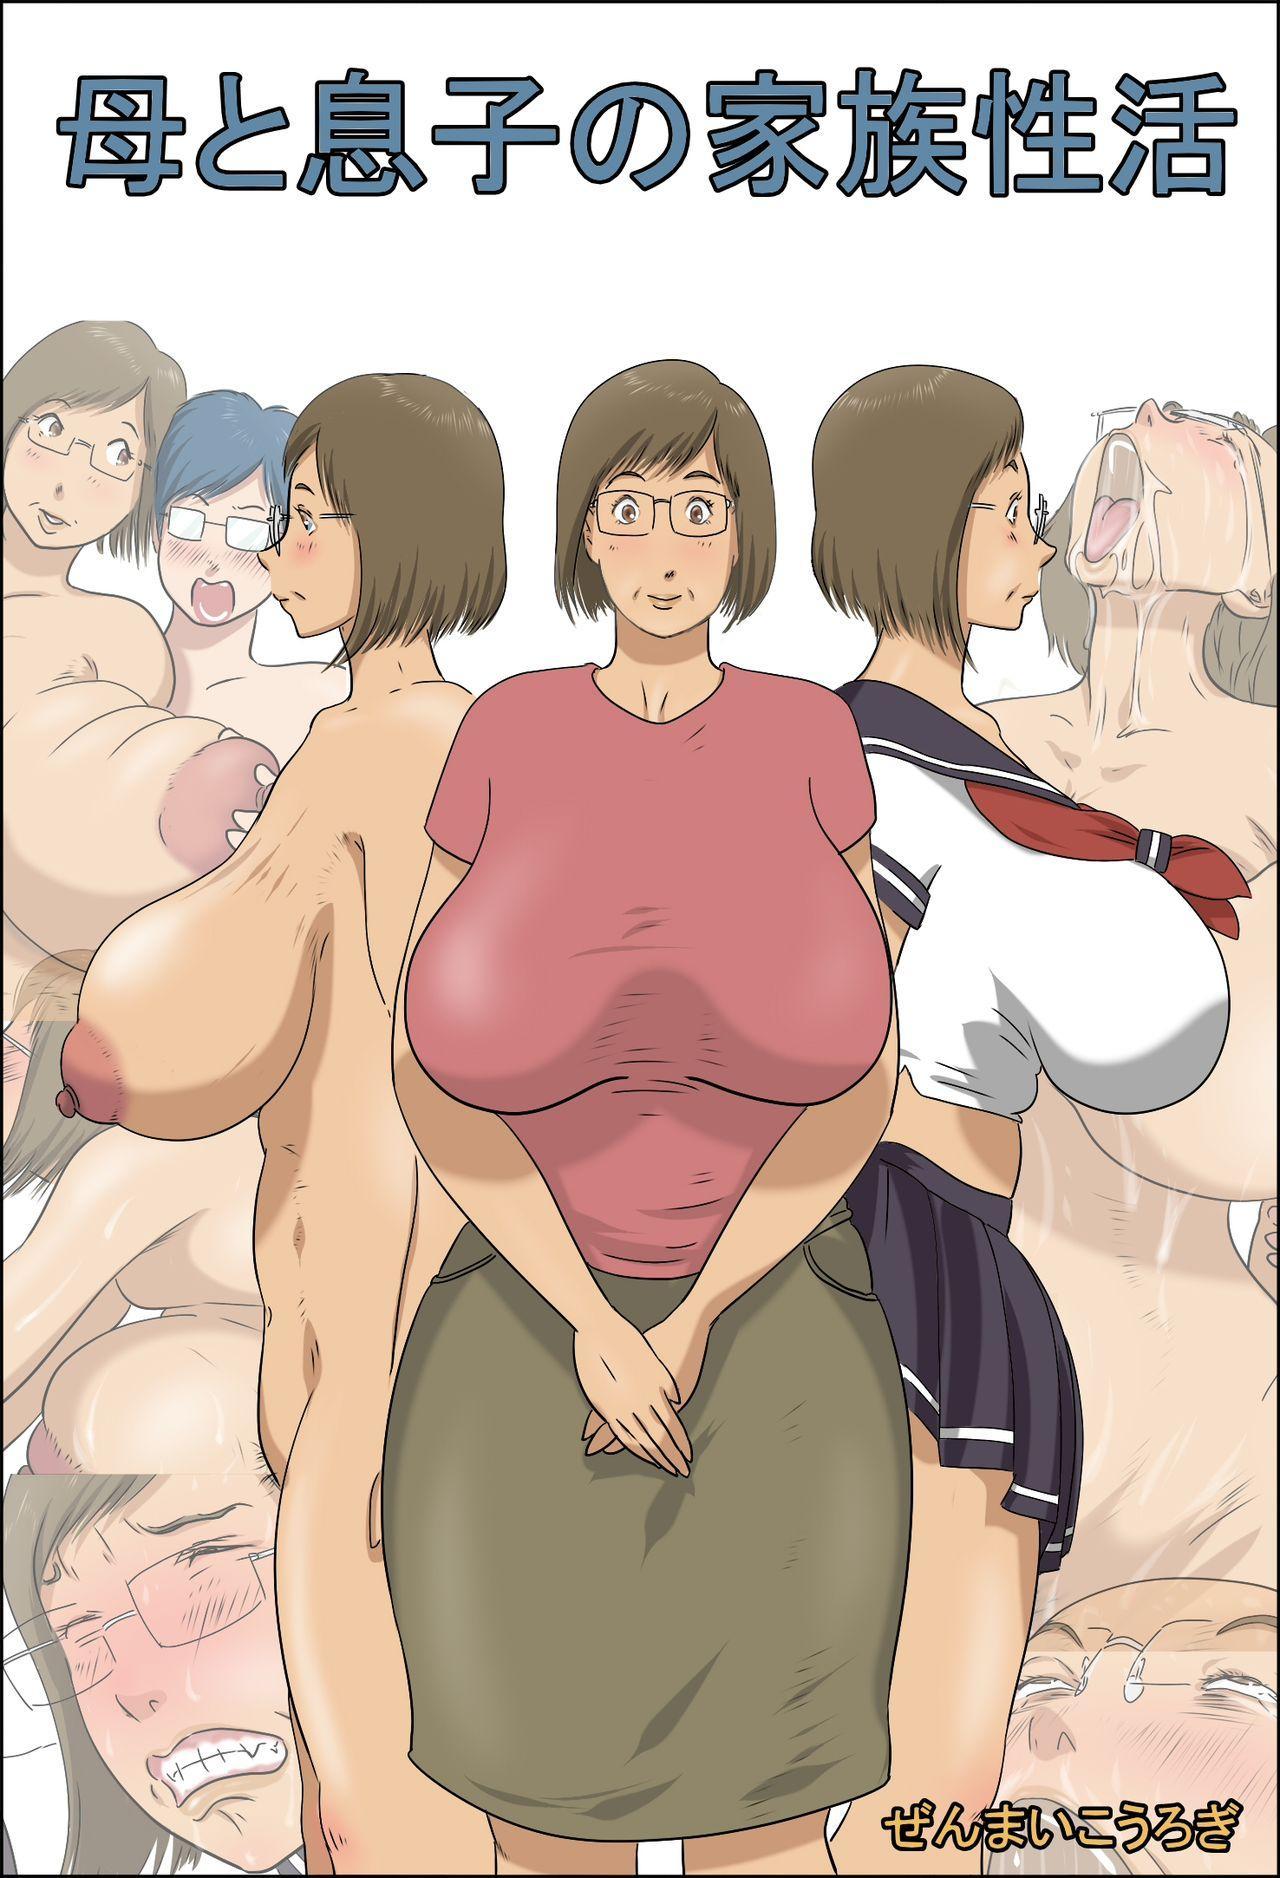 Haha to Musuko no Kazoku Seikatsu 0